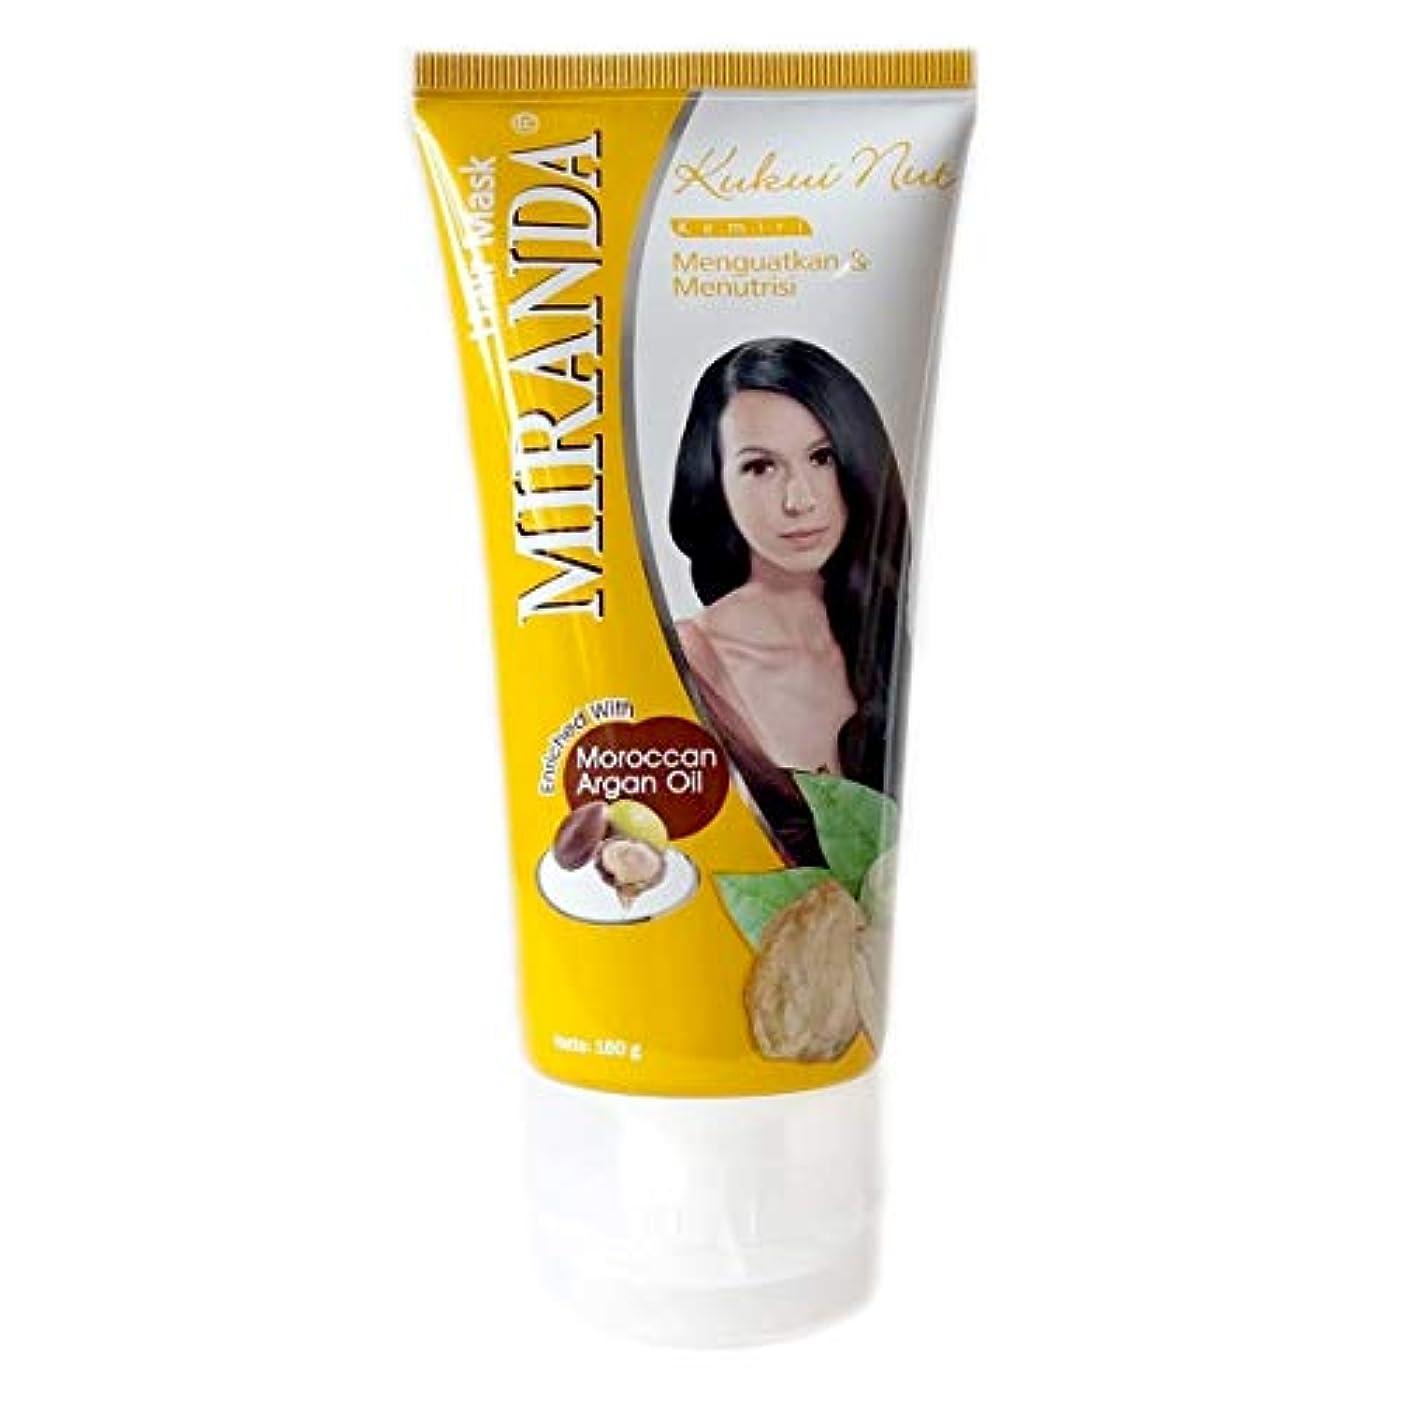 国籍先例メイトMIRANDA ミランダ Hair Mask ヘアマスク モロッカンアルガンオイル主成分のヘアトリートメント 160g Kukui nut クミリ [海外直送品]